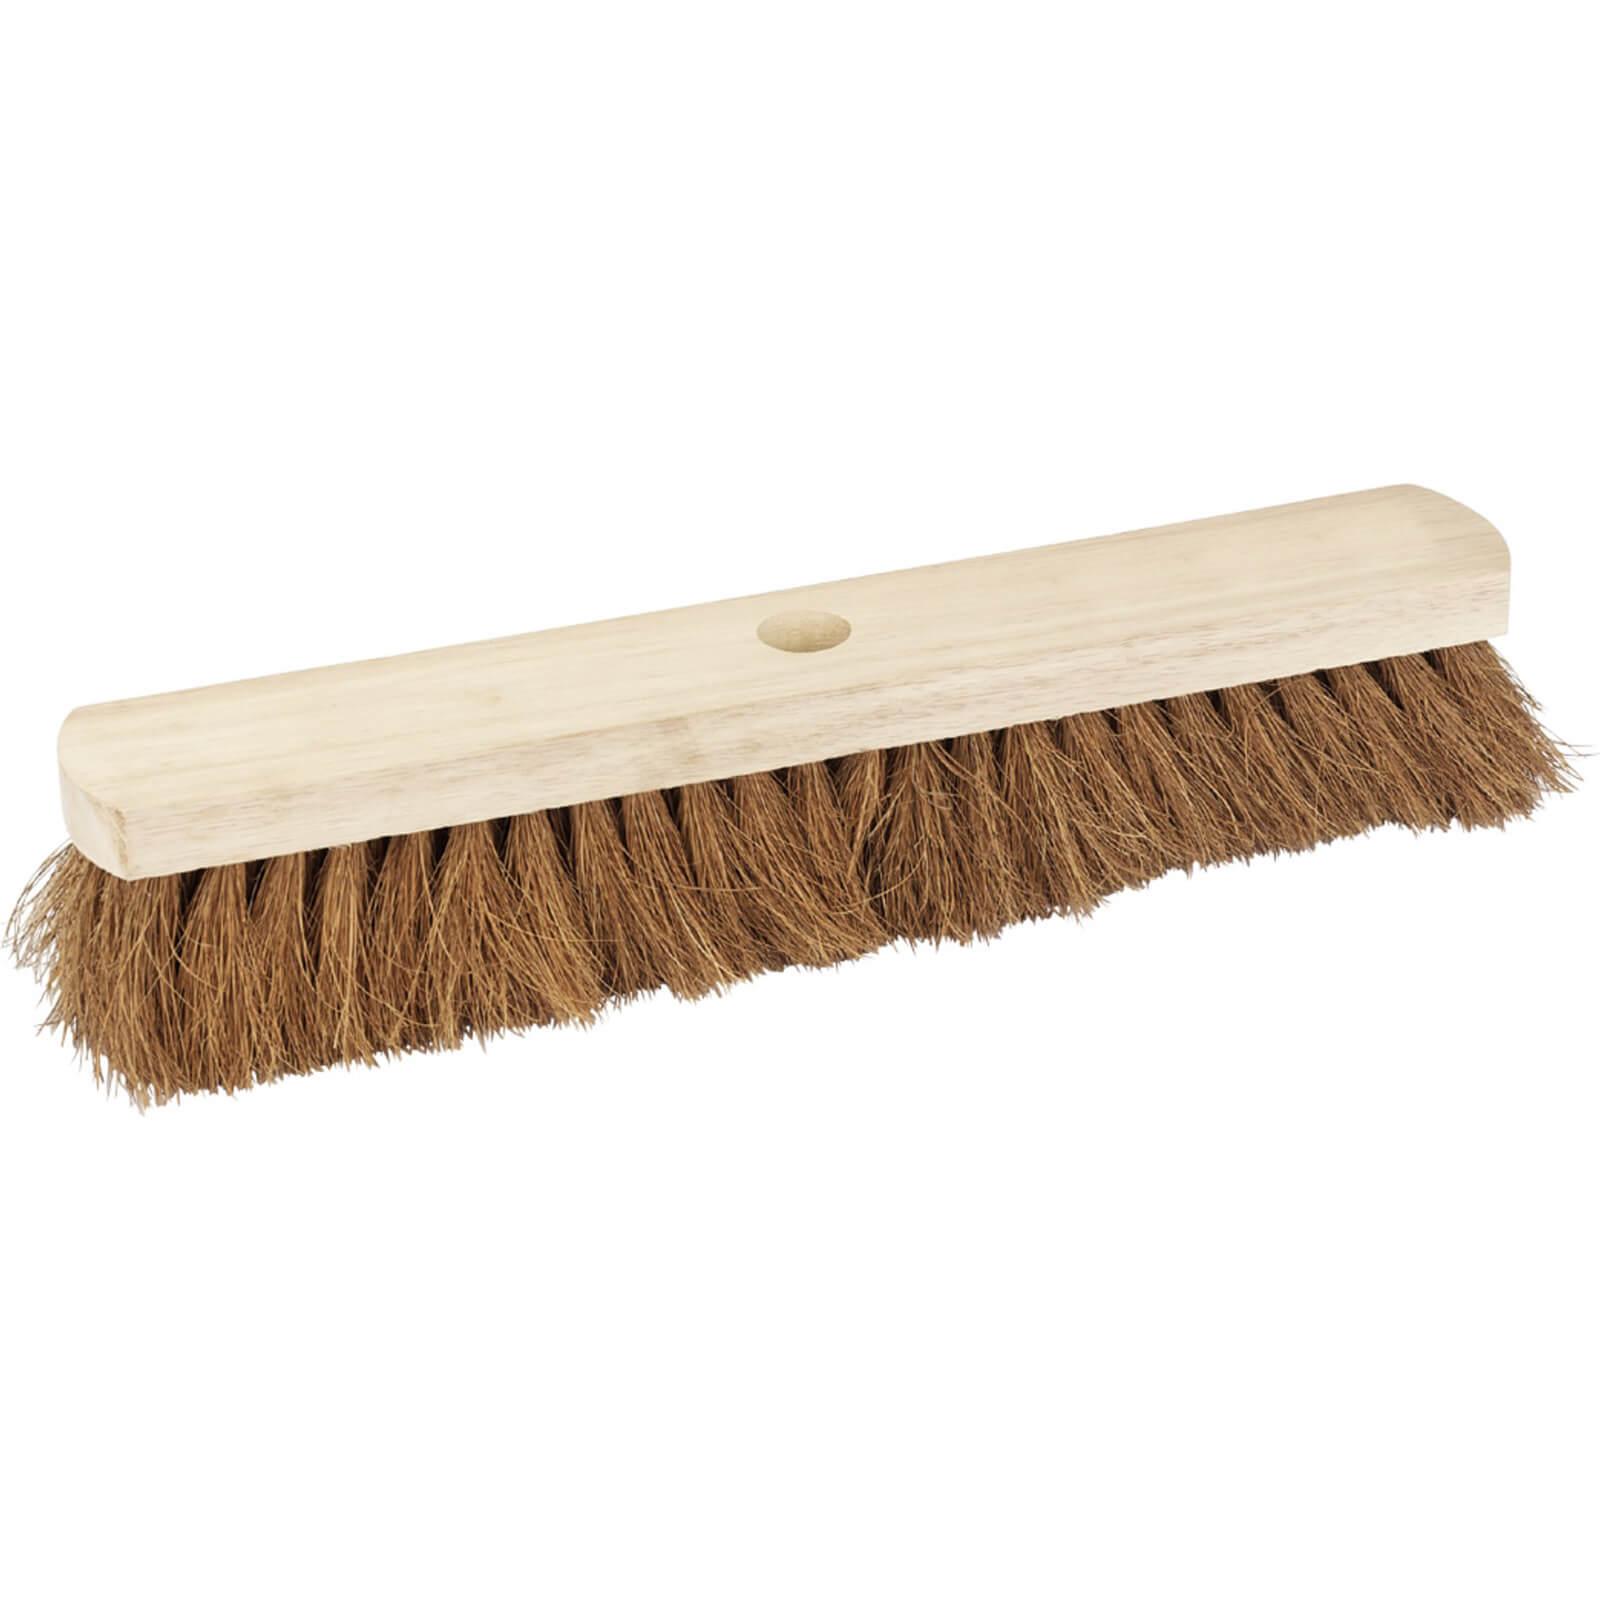 """Image of Draper Soft Coco Broom Head 18"""""""